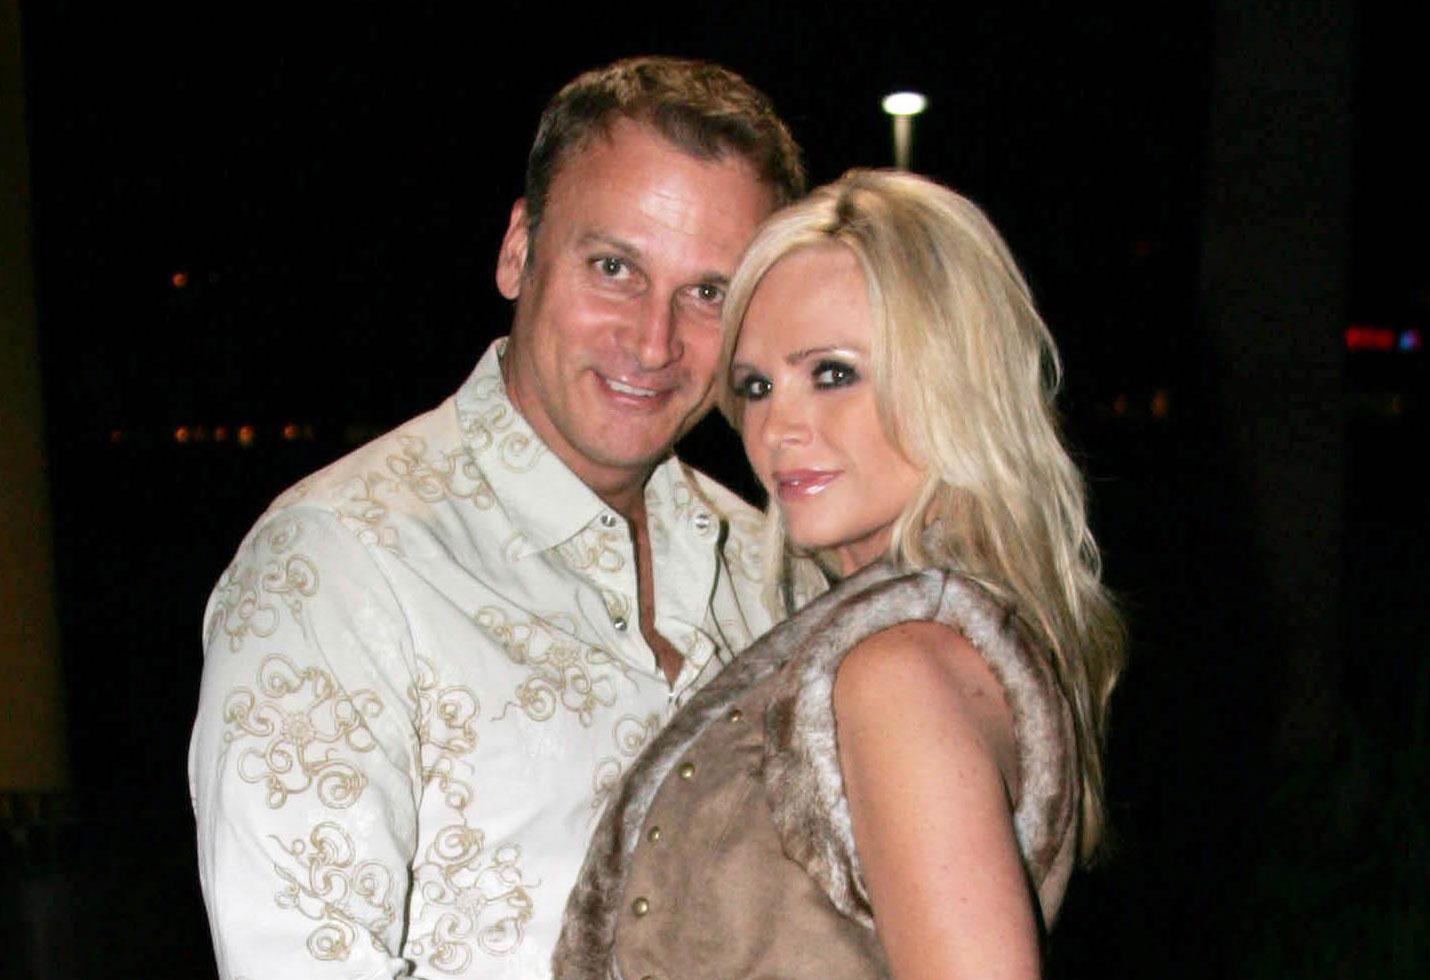 Tamra Judge and Simon Barney